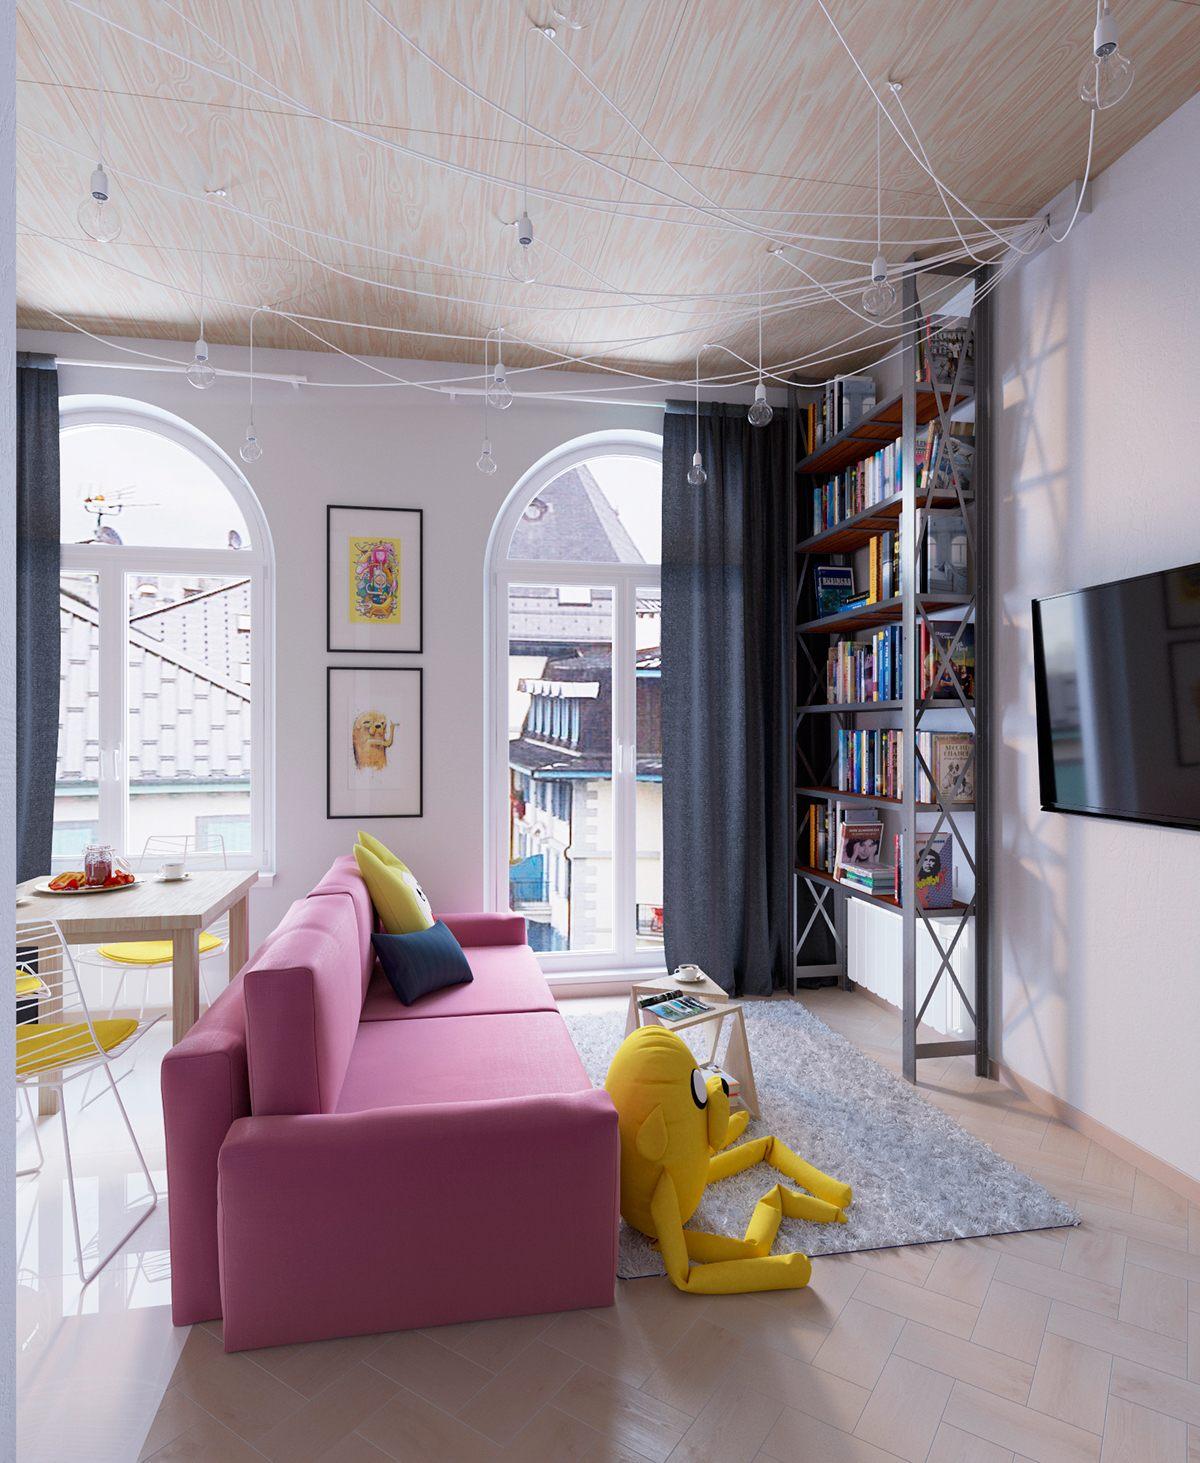 Finn and Jake Living room left side